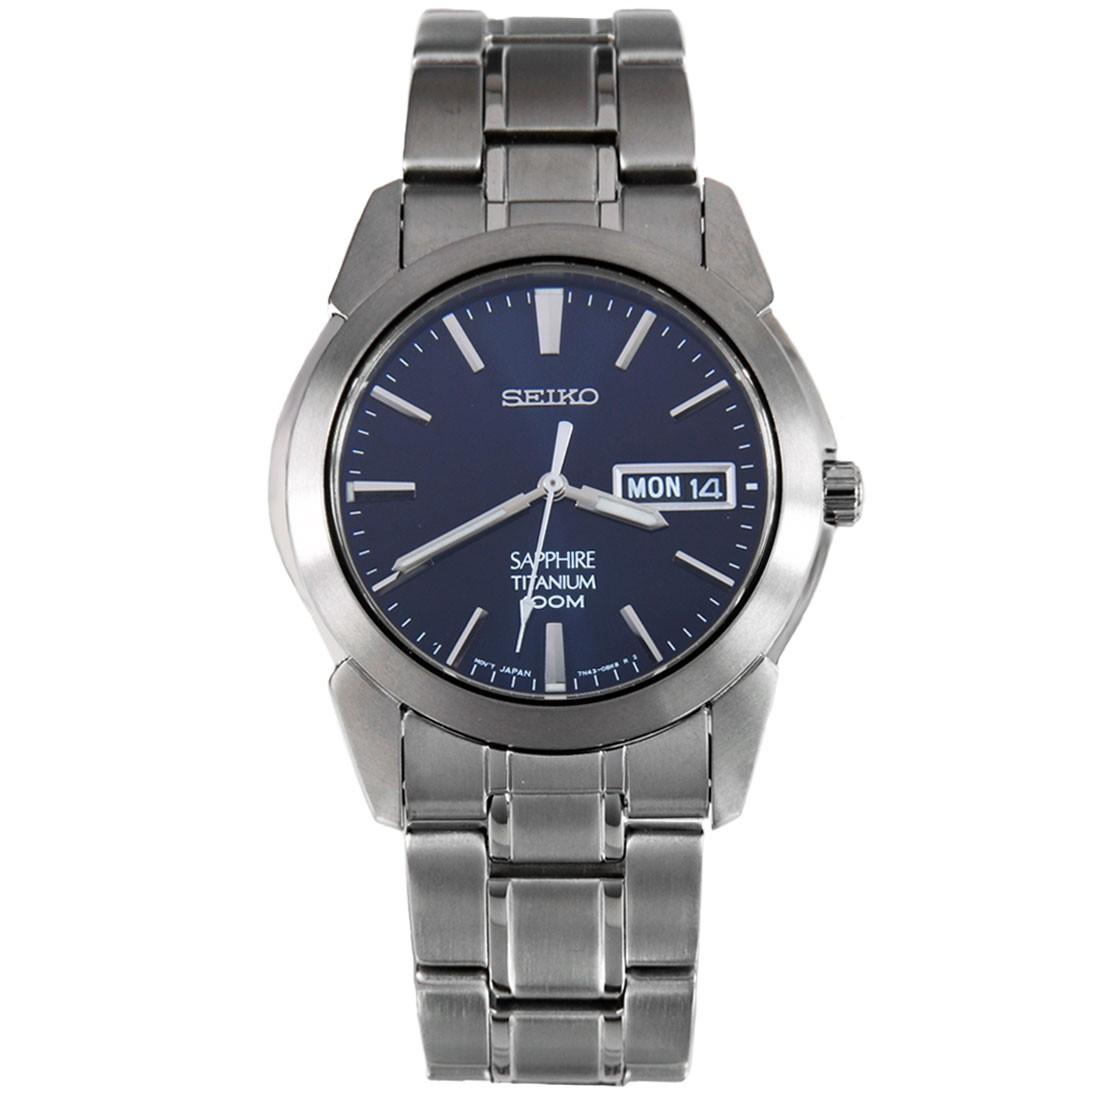 SEIKO Titanium Quartz Sapphire Men's Watch รุ่น SGG729P1